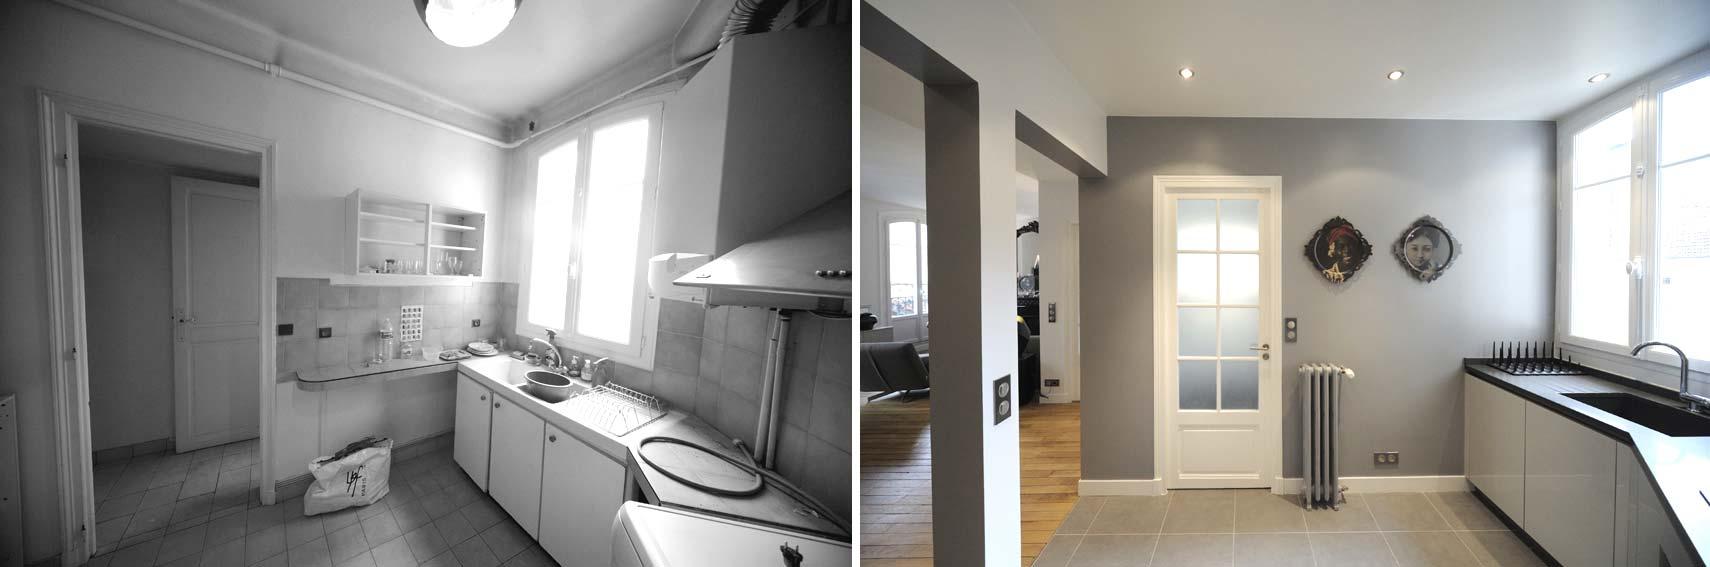 Relooking Maison Avant Apres avant - après : transformation d'un appartement de 65m2 du